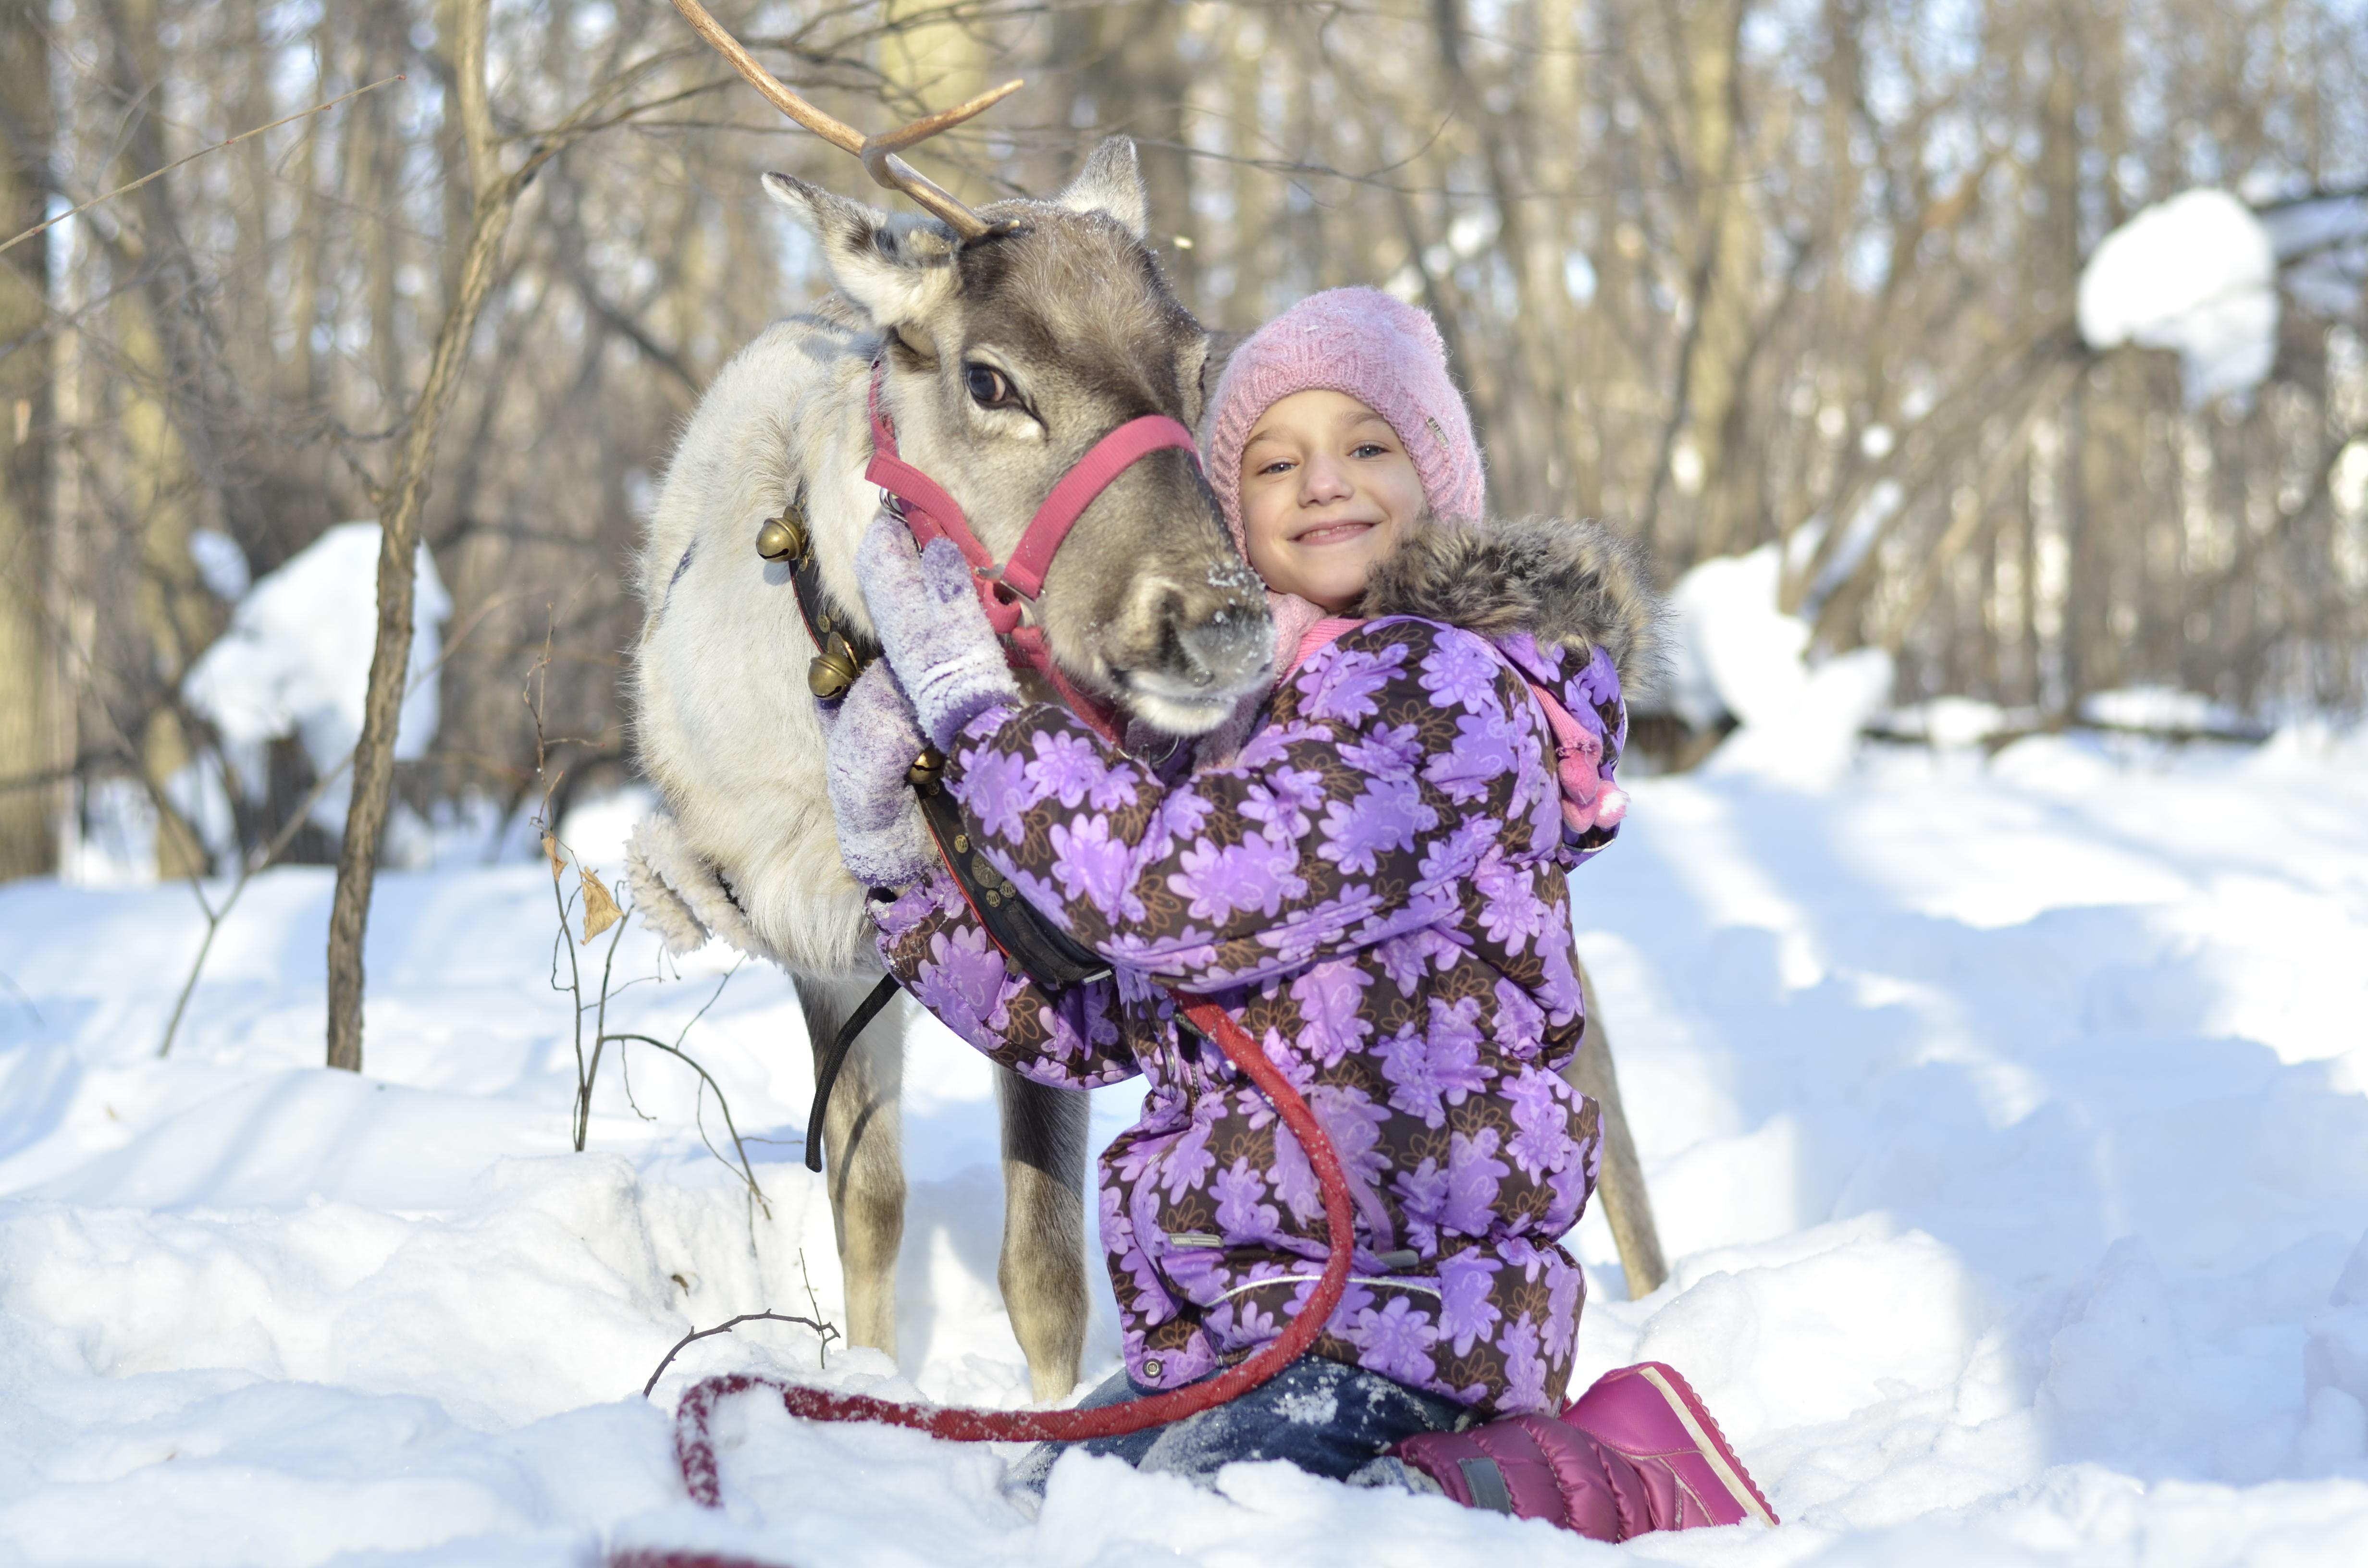 конкурс фотографий зимние каникулы по-мюнхенски как